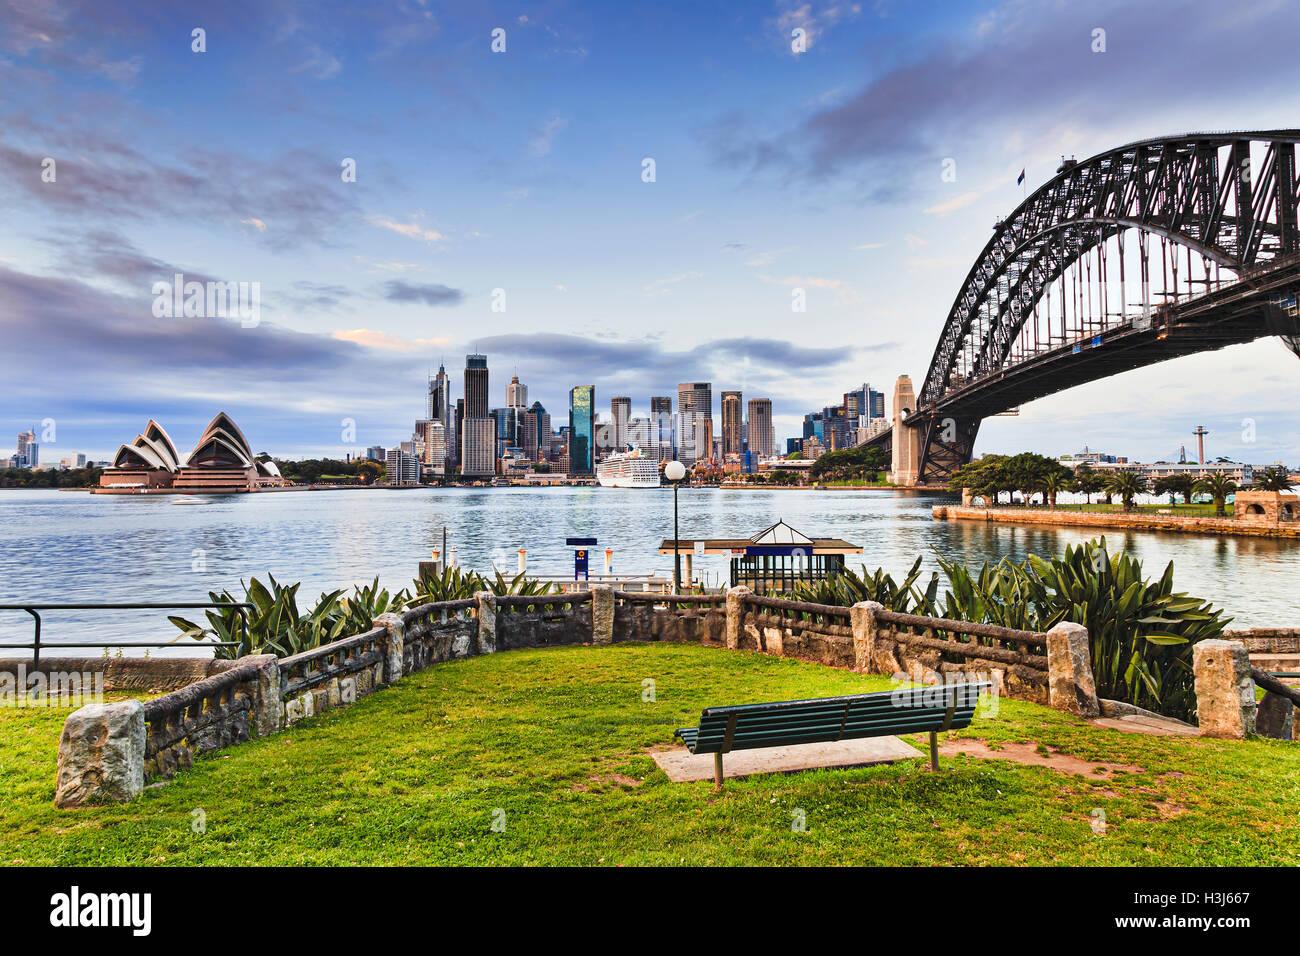 Erba verde e la panchina nel parco ricreativo zona di Kirribilli sobborgo di Sydney attraverso il porto dalla città Immagini Stock